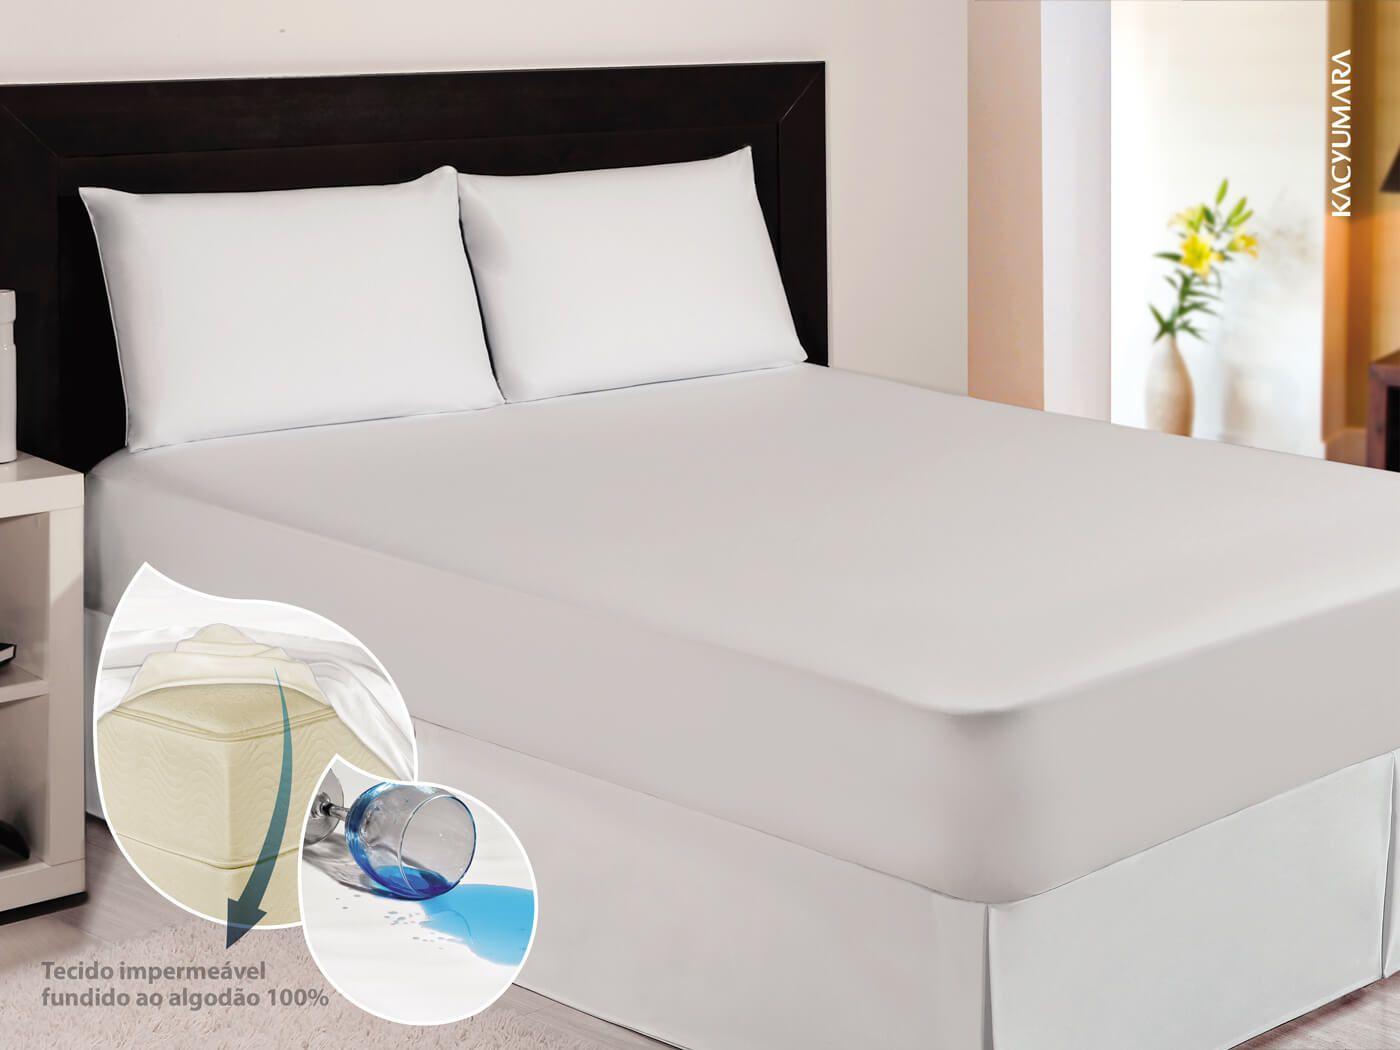 Protetor de Colchão Algodão Impermeável Casal 1,38X1,88 KACYUMARA  - Kenko Premium Colchões